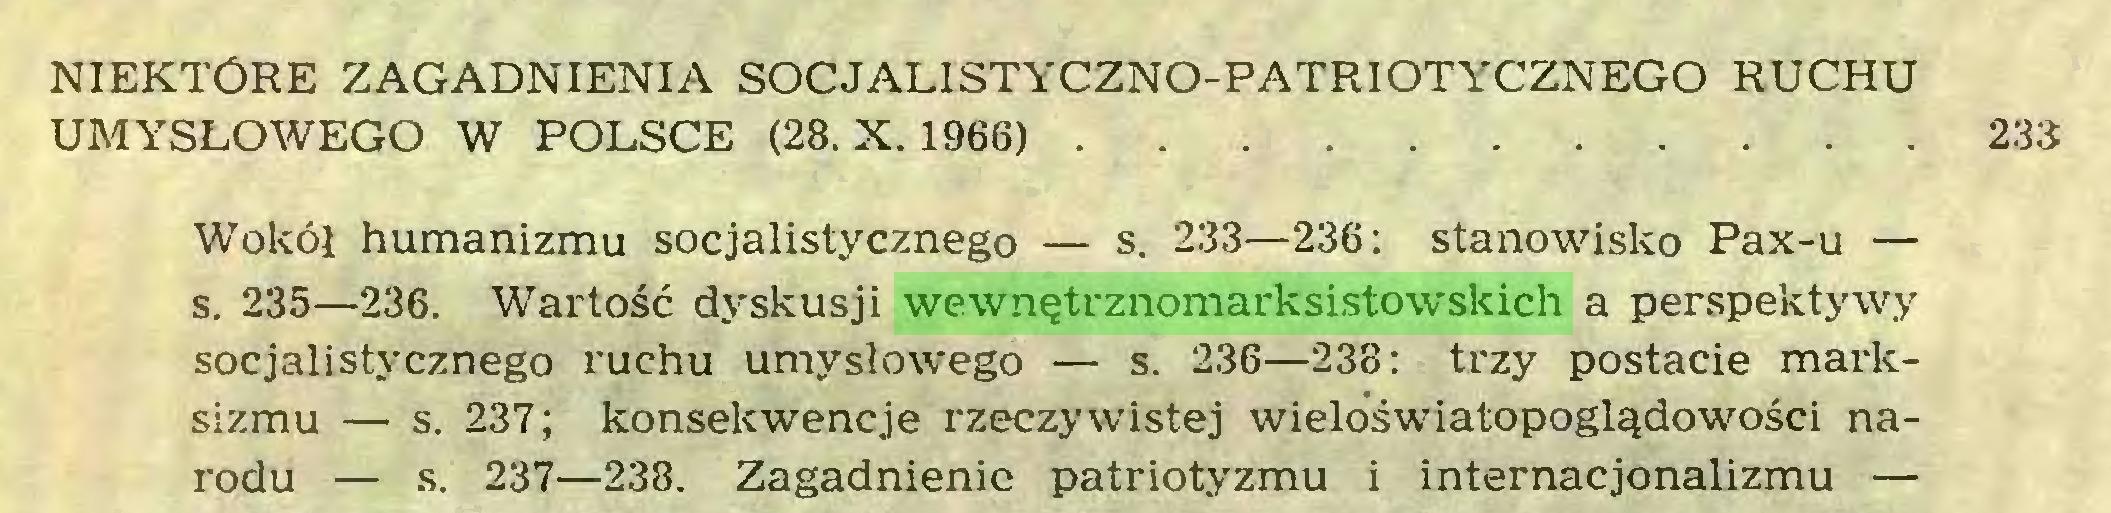 (...) NIEKTÓRE ZAGADNIENIA SOCJALISTYCZNO-PATRIOTYCZNEGO RUCHU UMYSŁOWEGO W POLSCE (28. X. 1966) 233 Wokół humanizmu socjalistycznego — s. 233—236: stanowisko Pax-u — s. 235—236. Wartość dyskusji wewnętrznomarksistowskich a perspektywy socjalistycznego ruchu umysłowego — s. 236—238: trzy postacie marksizmu — s. 237; konsekwencje rzeczywistej wieloświatopoglądowości narodu — s. 237—238. Zagadnienie patriotyzmu i internacjonalizmu —...